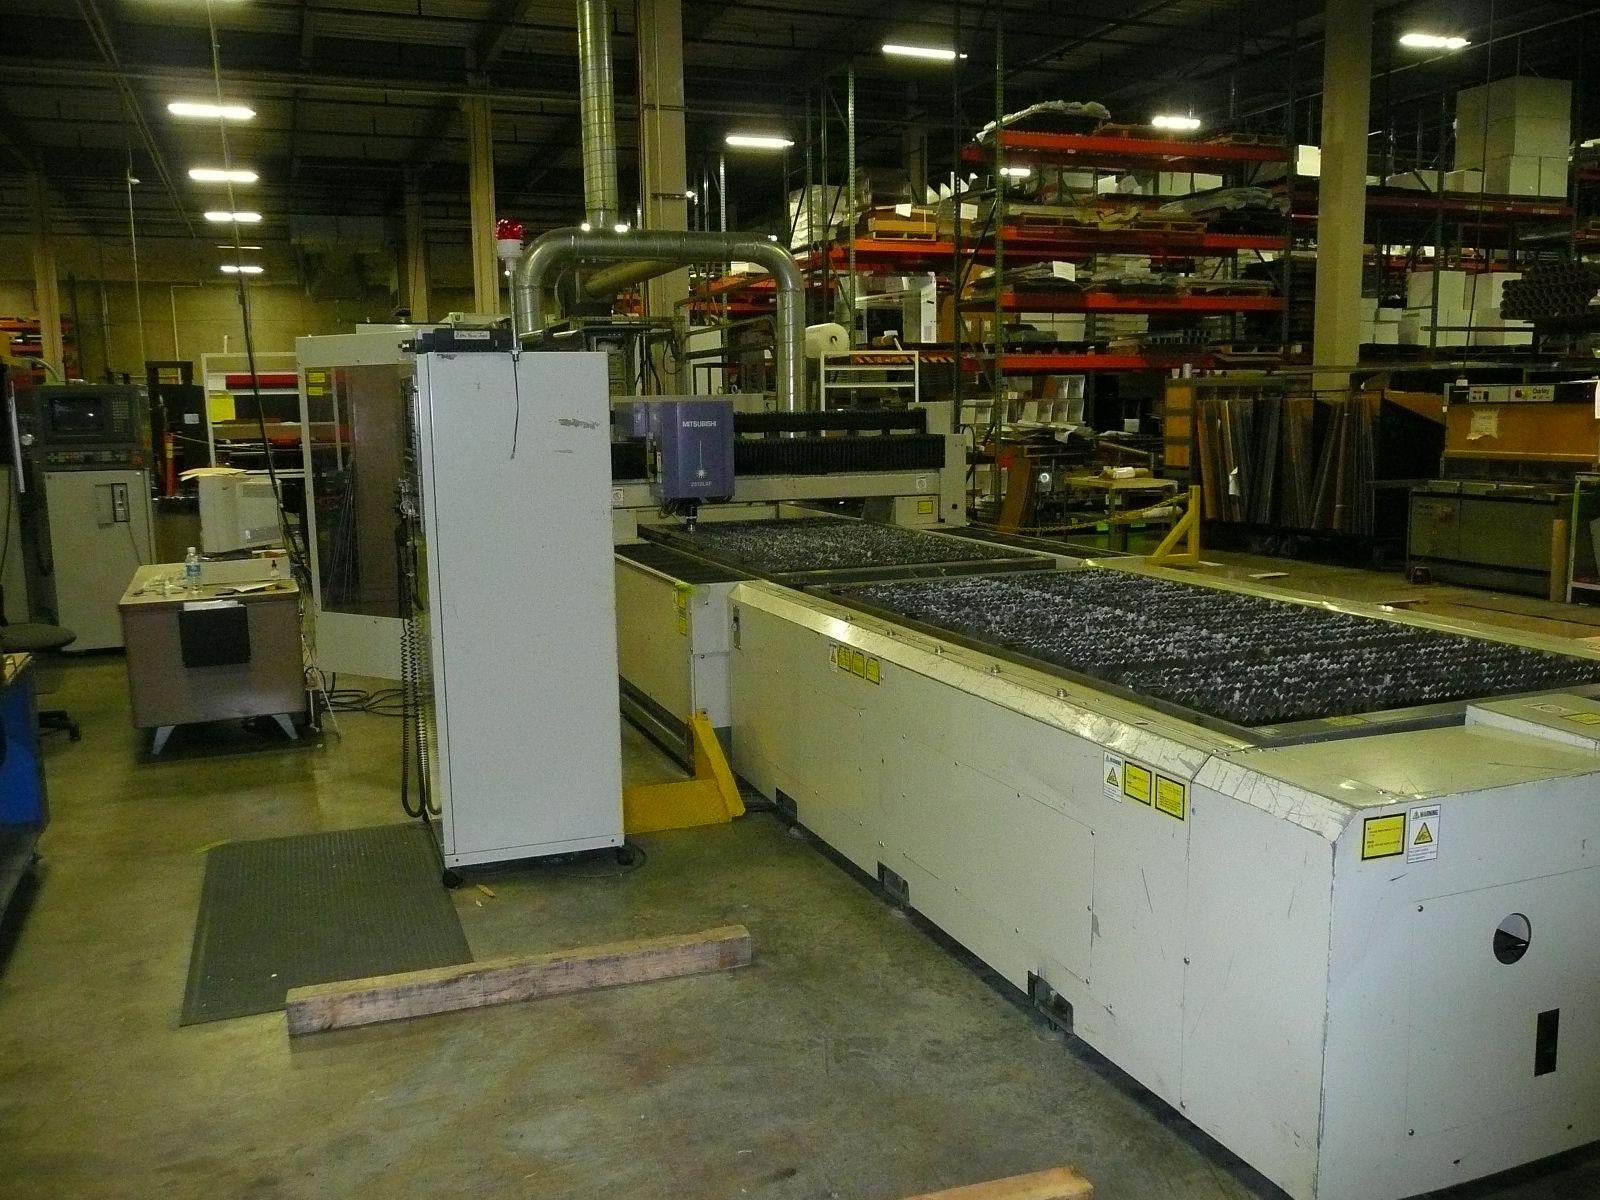 2000 WATT, 4' X 8' DUAL PALLET, LC10BV CONTROLS, SHEET LIFTER, ACCUCHILLER, HI PRESSURE GAS ASSIST